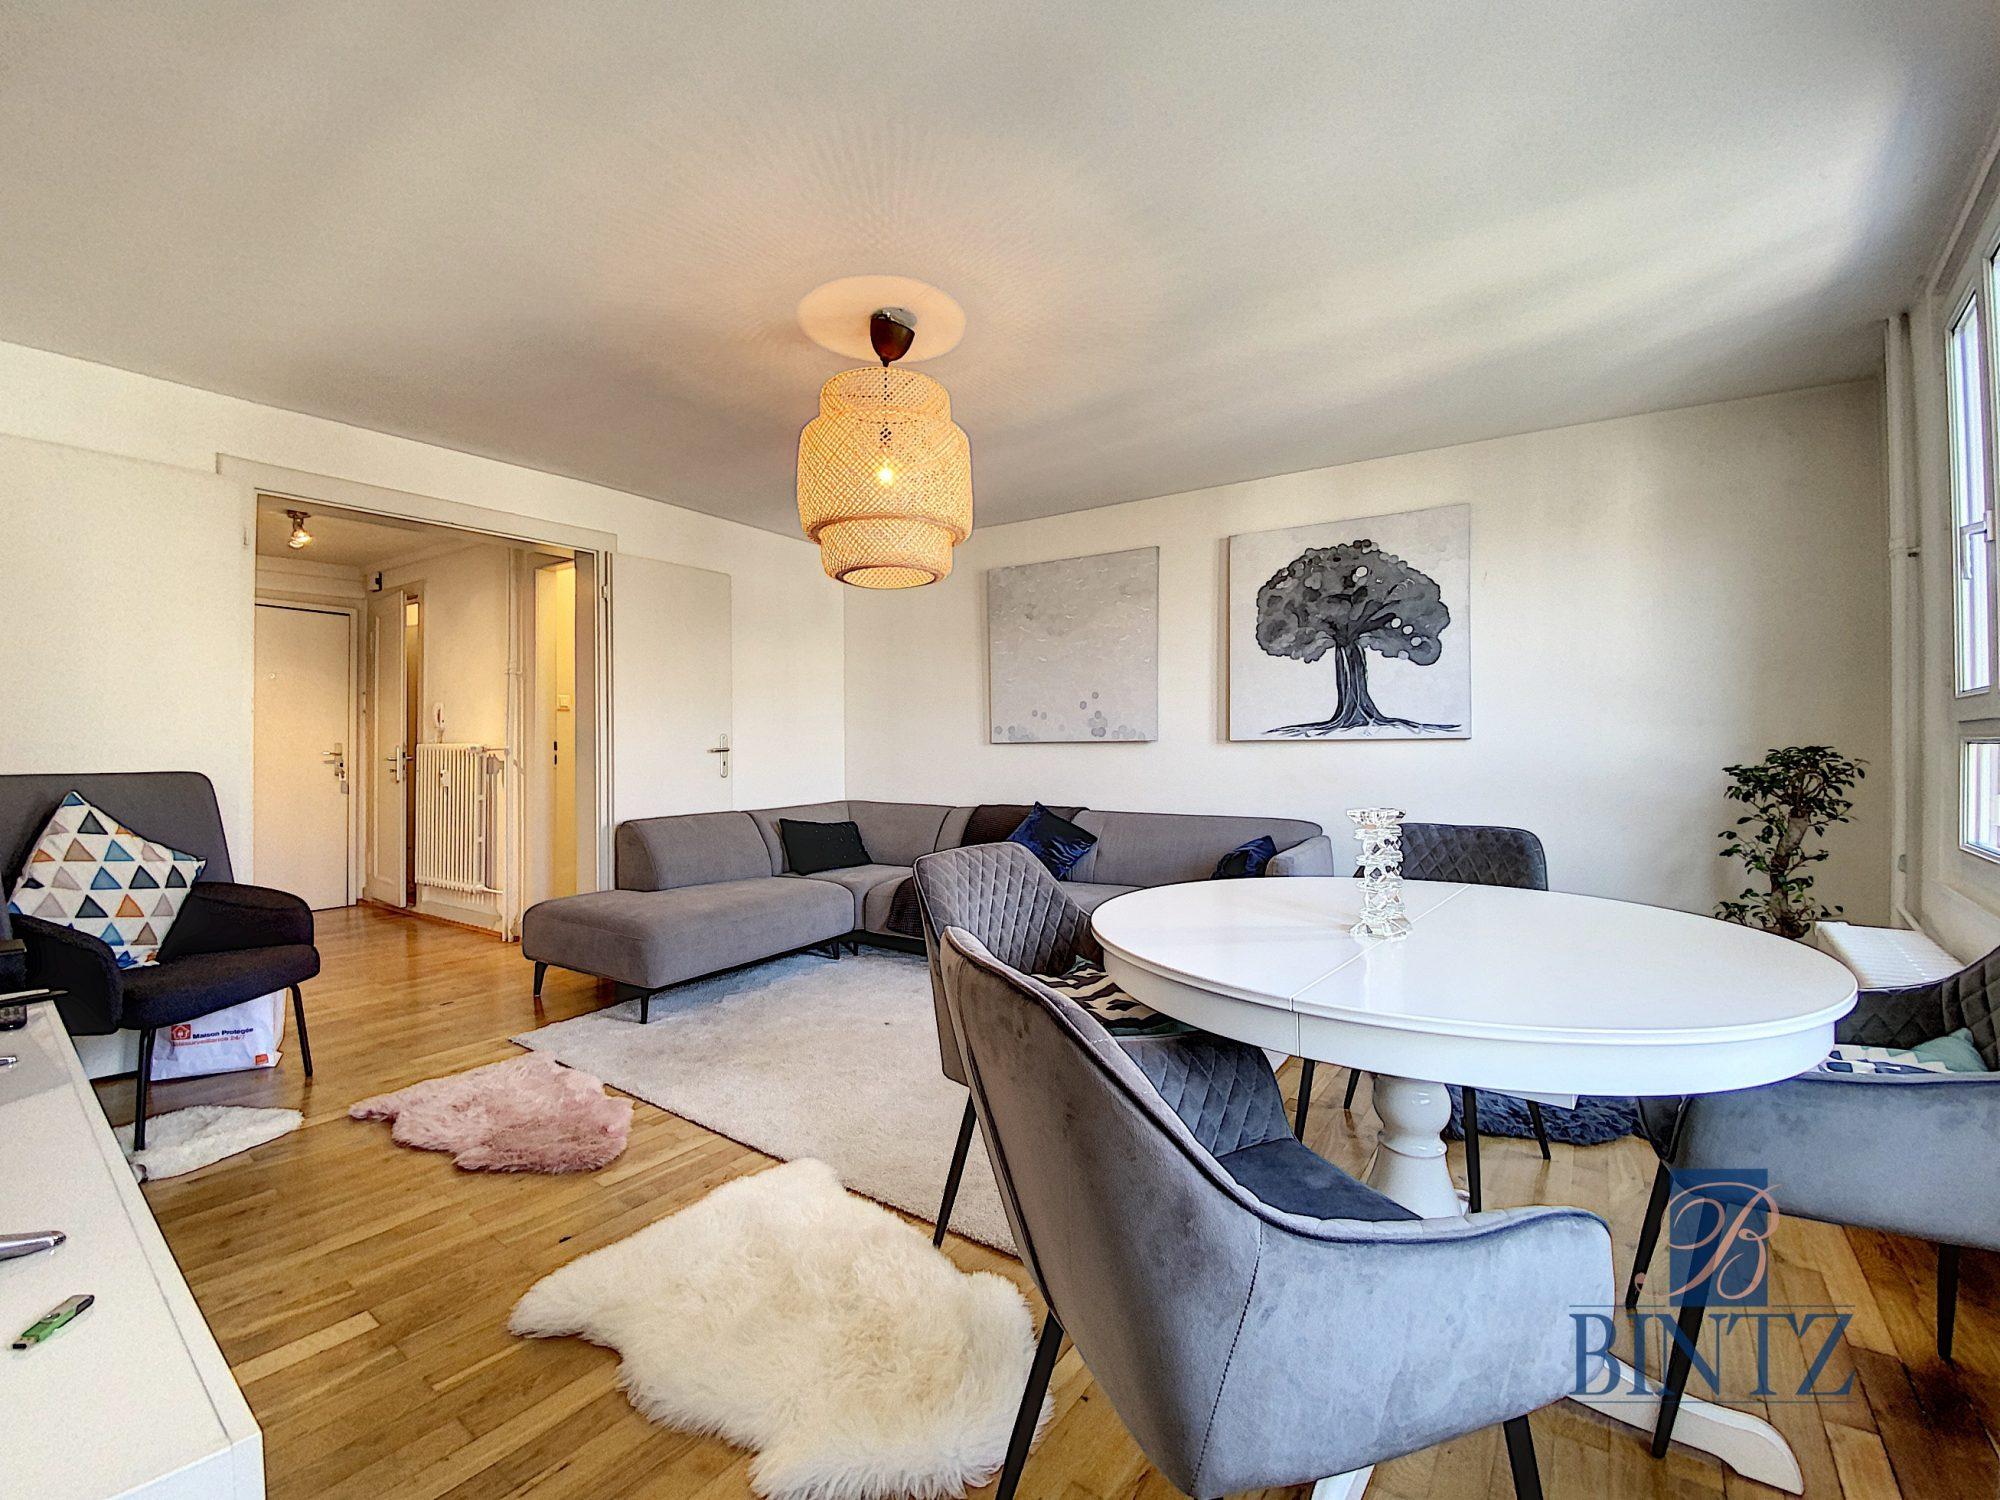 3 PIÈCES HYPERCENTRE - Devenez locataire en toute sérénité - Bintz Immobilier - 2